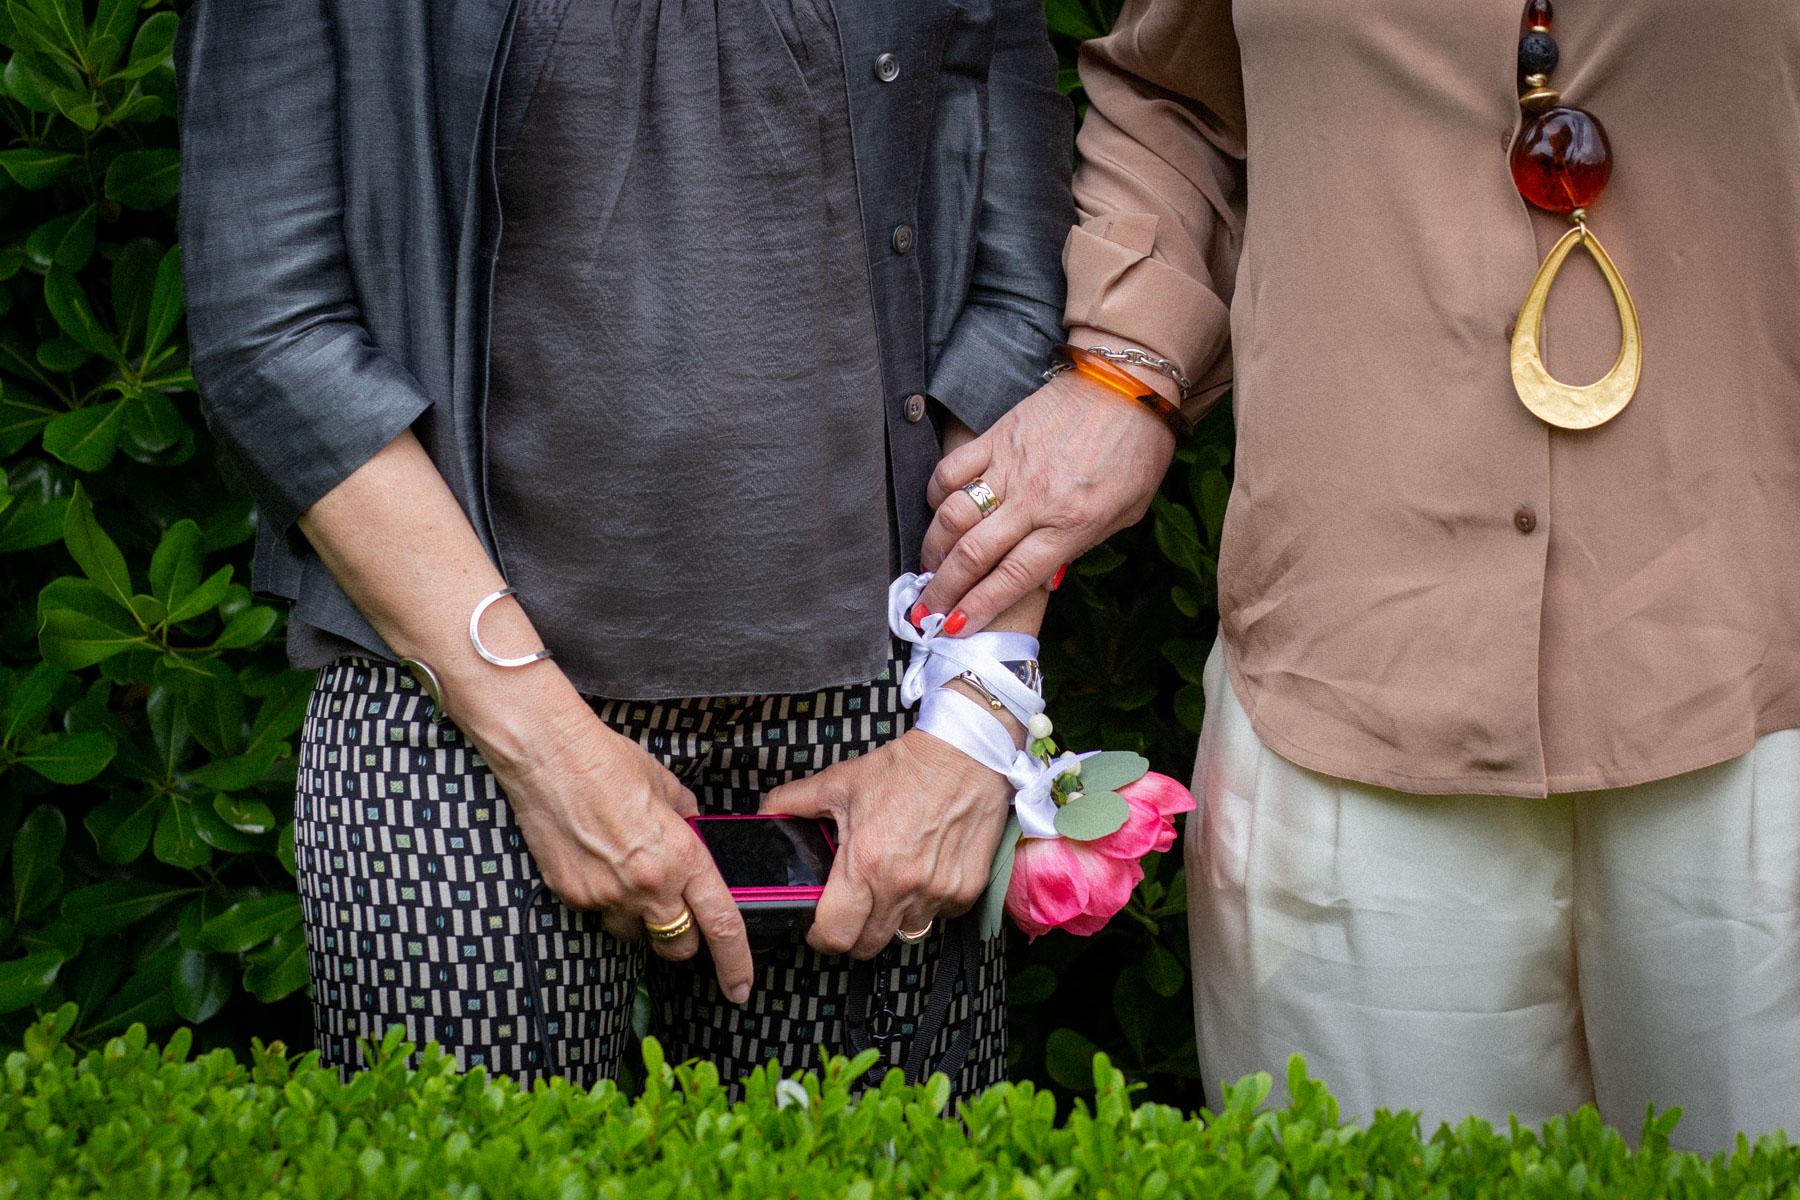 Puglia Elopement Detail Photo | pour célébrer le mariage, les huit invités ont été arrangés